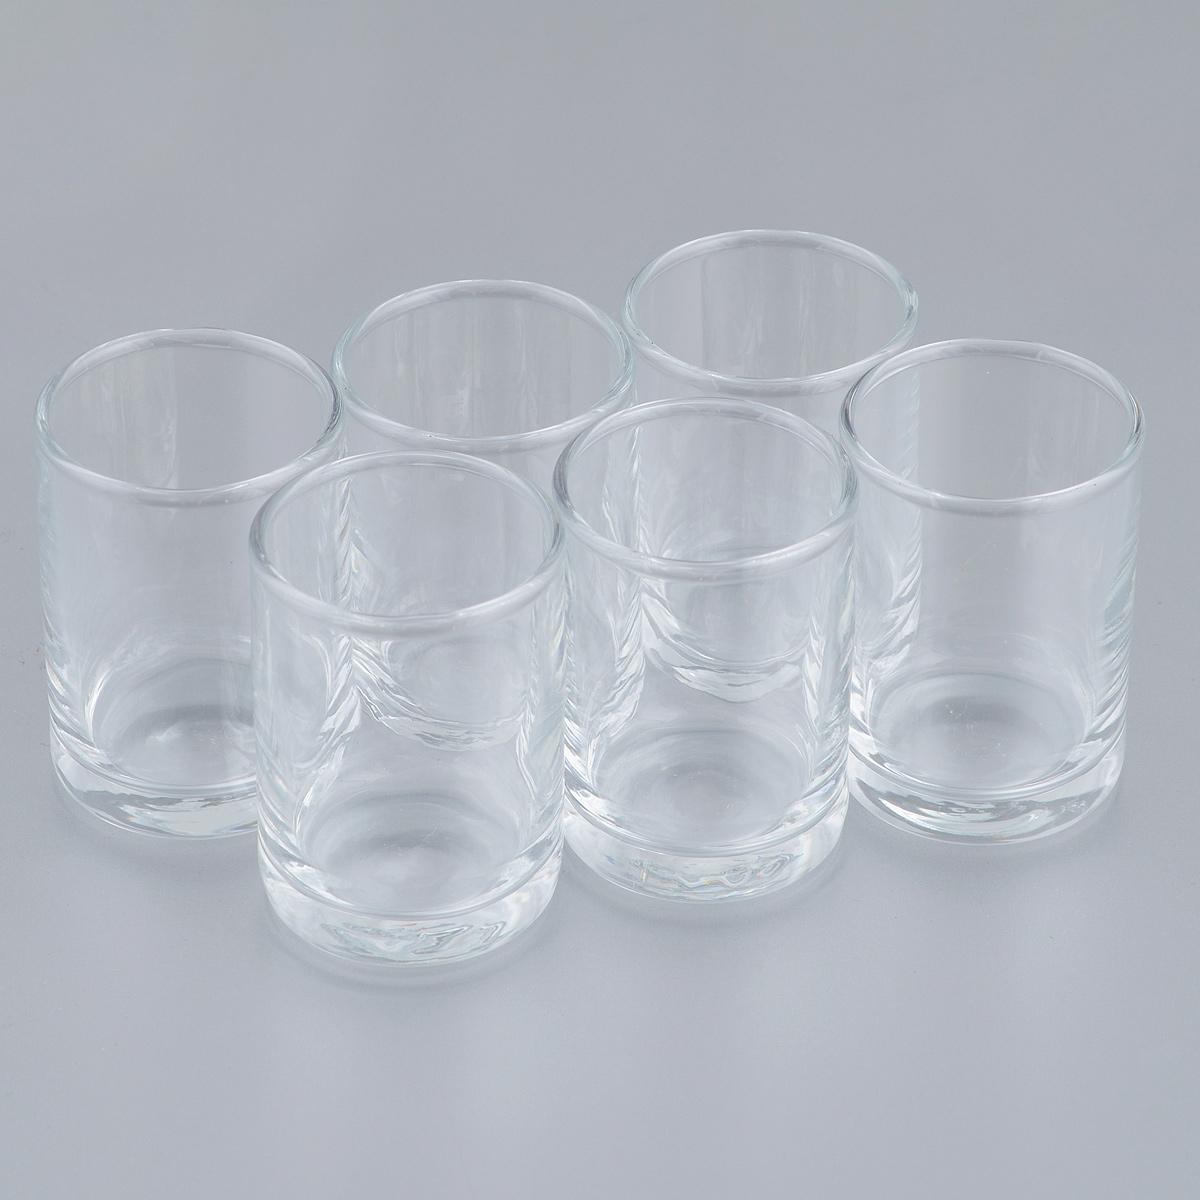 Набор стопок Pasabahce Istanbul, 60 мл, 6 шт42025BНабор Pasabahce Istanbul, выполненный из закаленного натрий-кальций-силикатного стекла, состоит из шести стопок. Изделия прекрасно подойдут для подачи крепких алкогольных напитков. Их оценят как любители классики, так и те, кто предпочитает современный дизайн.Набор идеально подойдет для сервировки стола и станет отличным подарком к любому празднику. Диаметр стопки (по верхнему краю): 4 см. Высота стопки: 6 см.